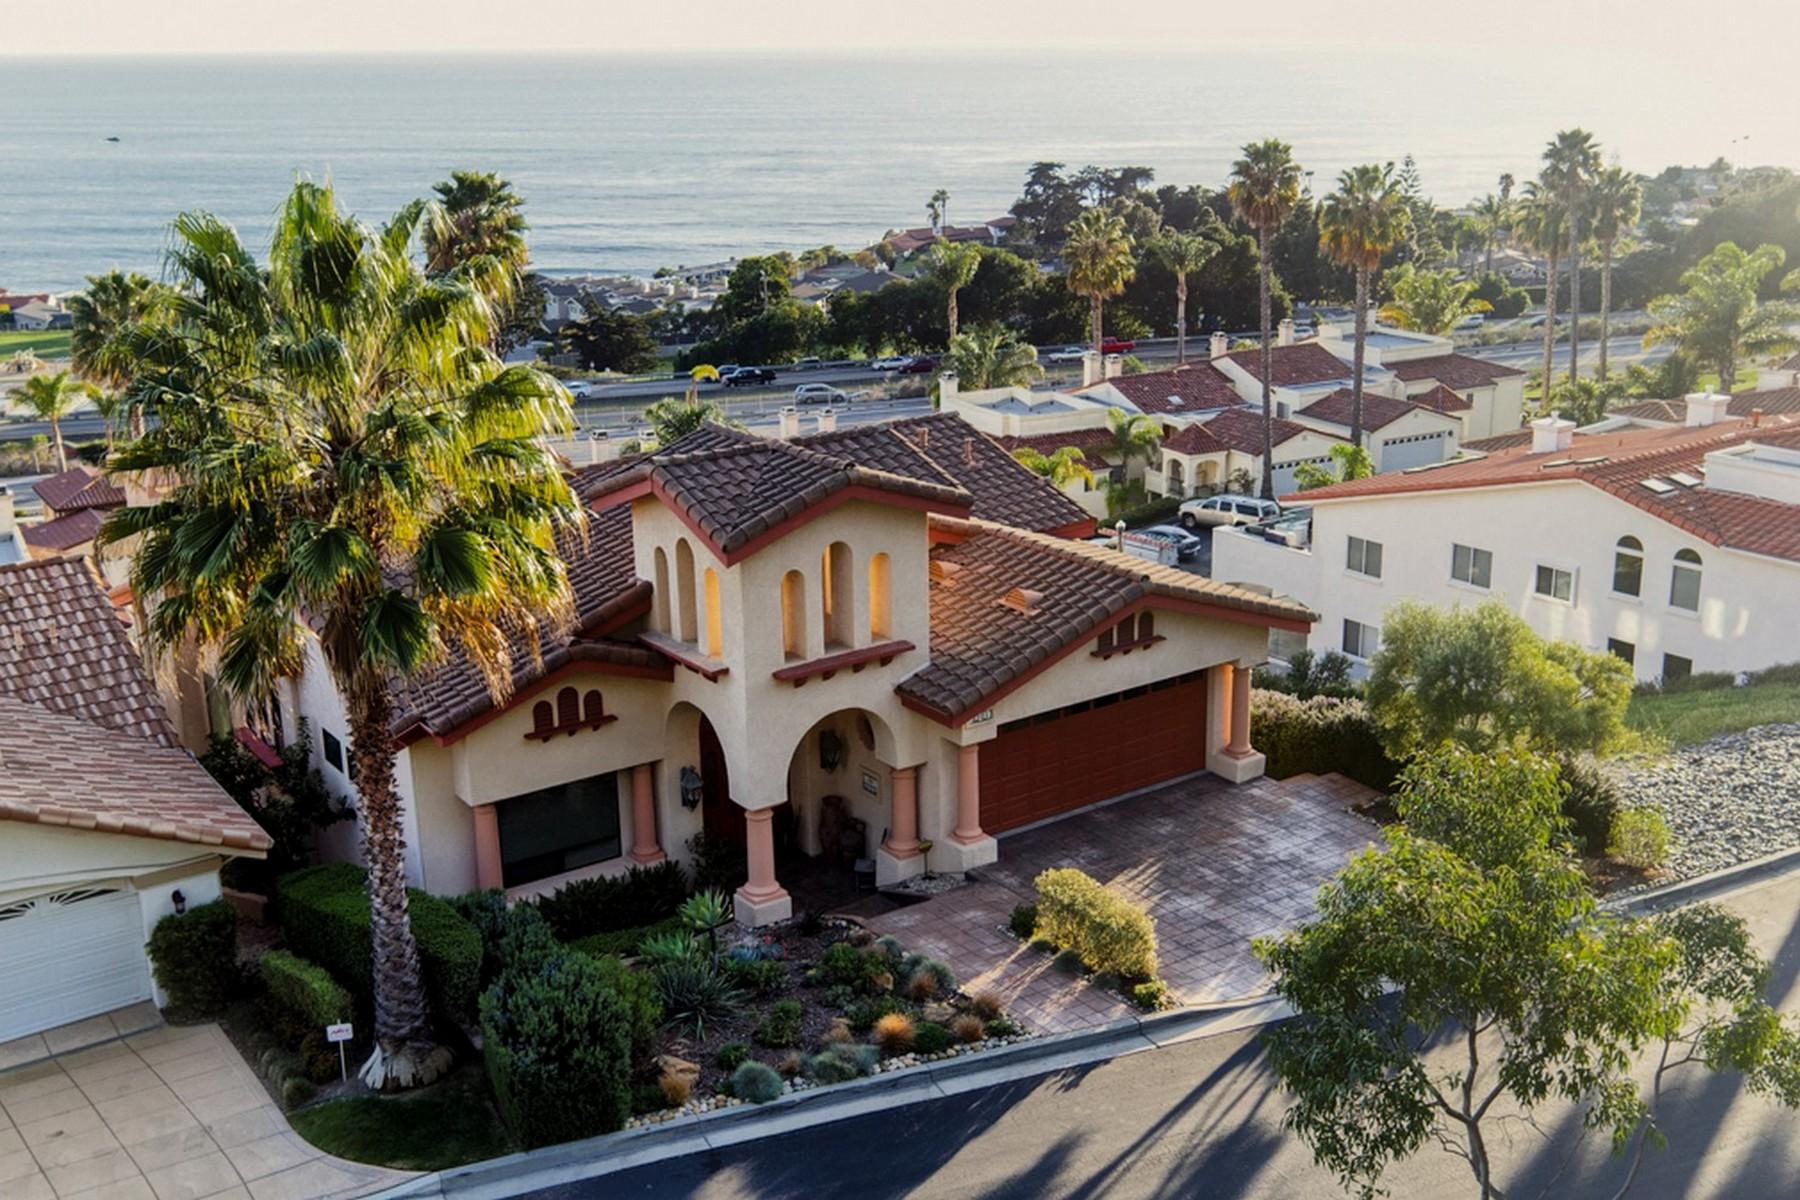 一戸建て のために 売買 アット Ocean View Spanish-Style Home 2101 Costa Brava Way Pismo Beach, カリフォルニア 93449 アメリカ合衆国